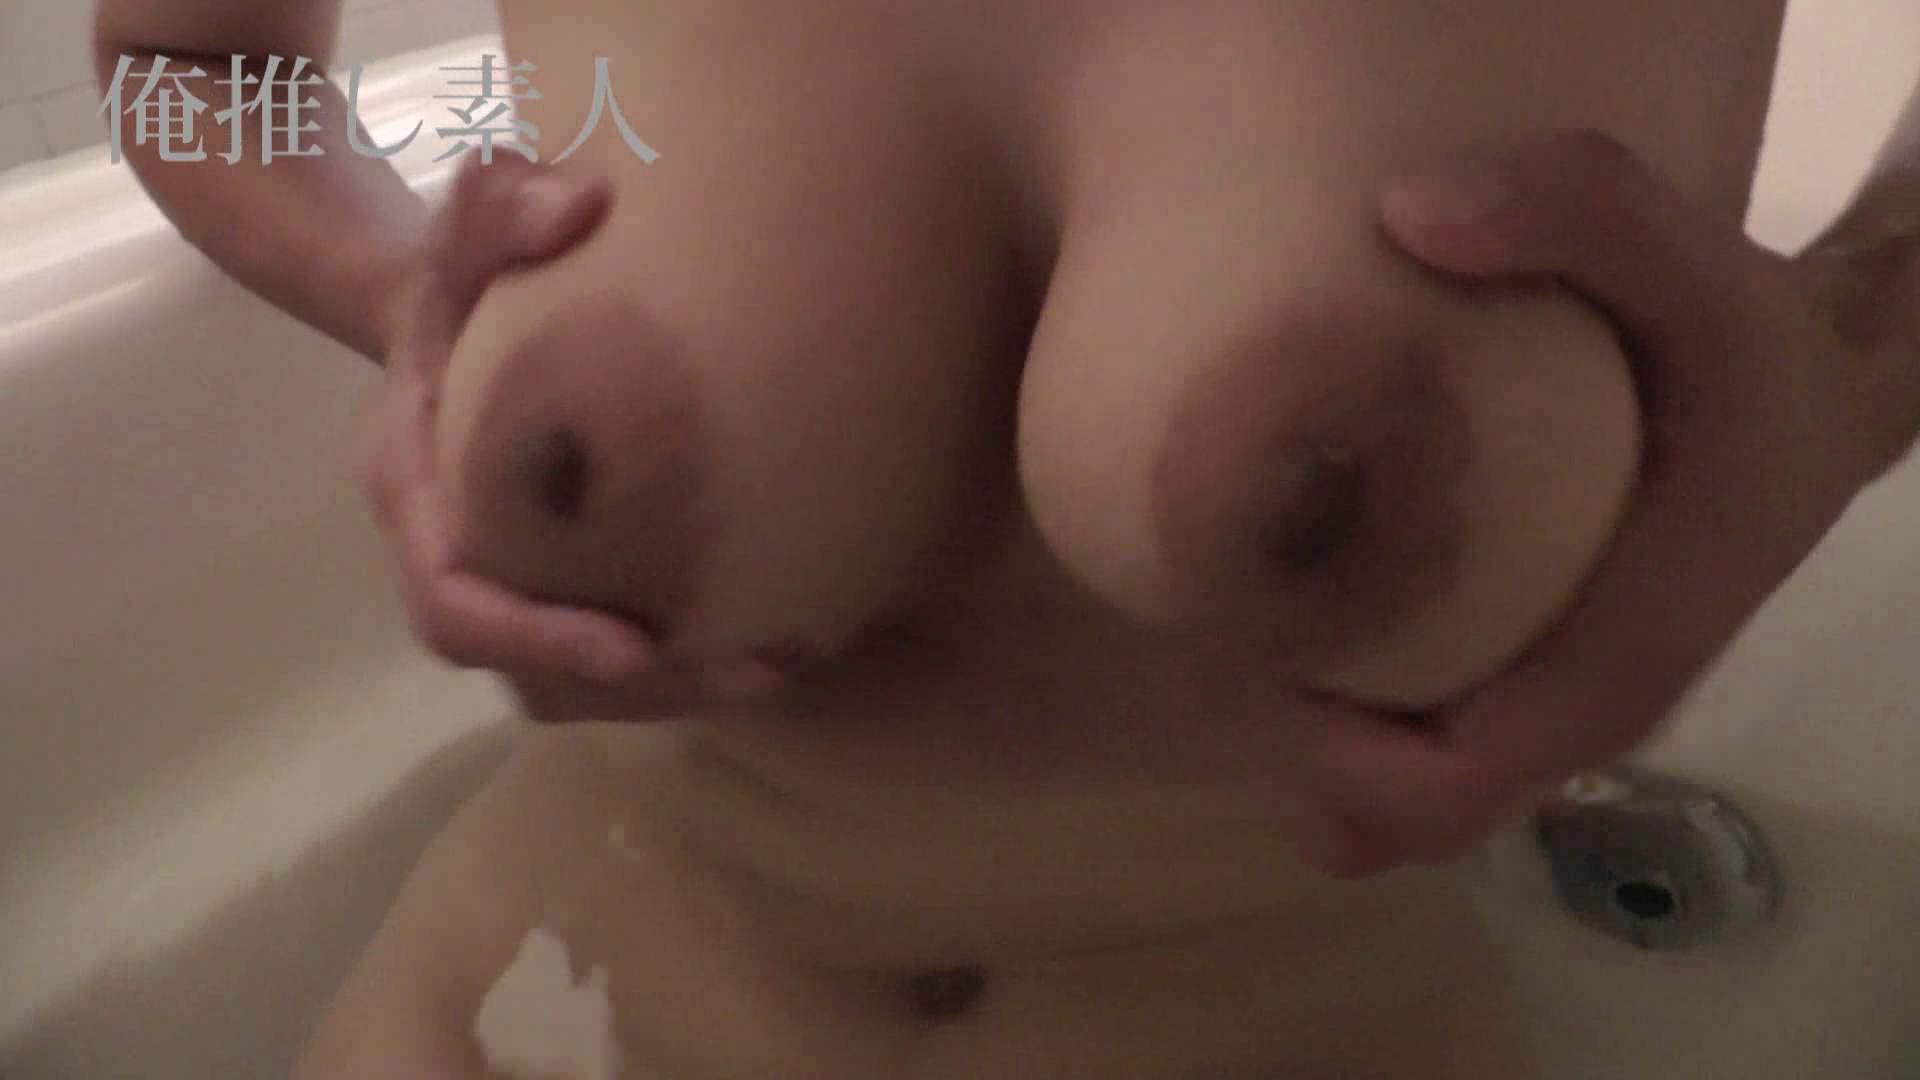 俺推し素人 30代人妻熟女キャバ嬢雫Vol.02 おっぱい   OL  66連発 19